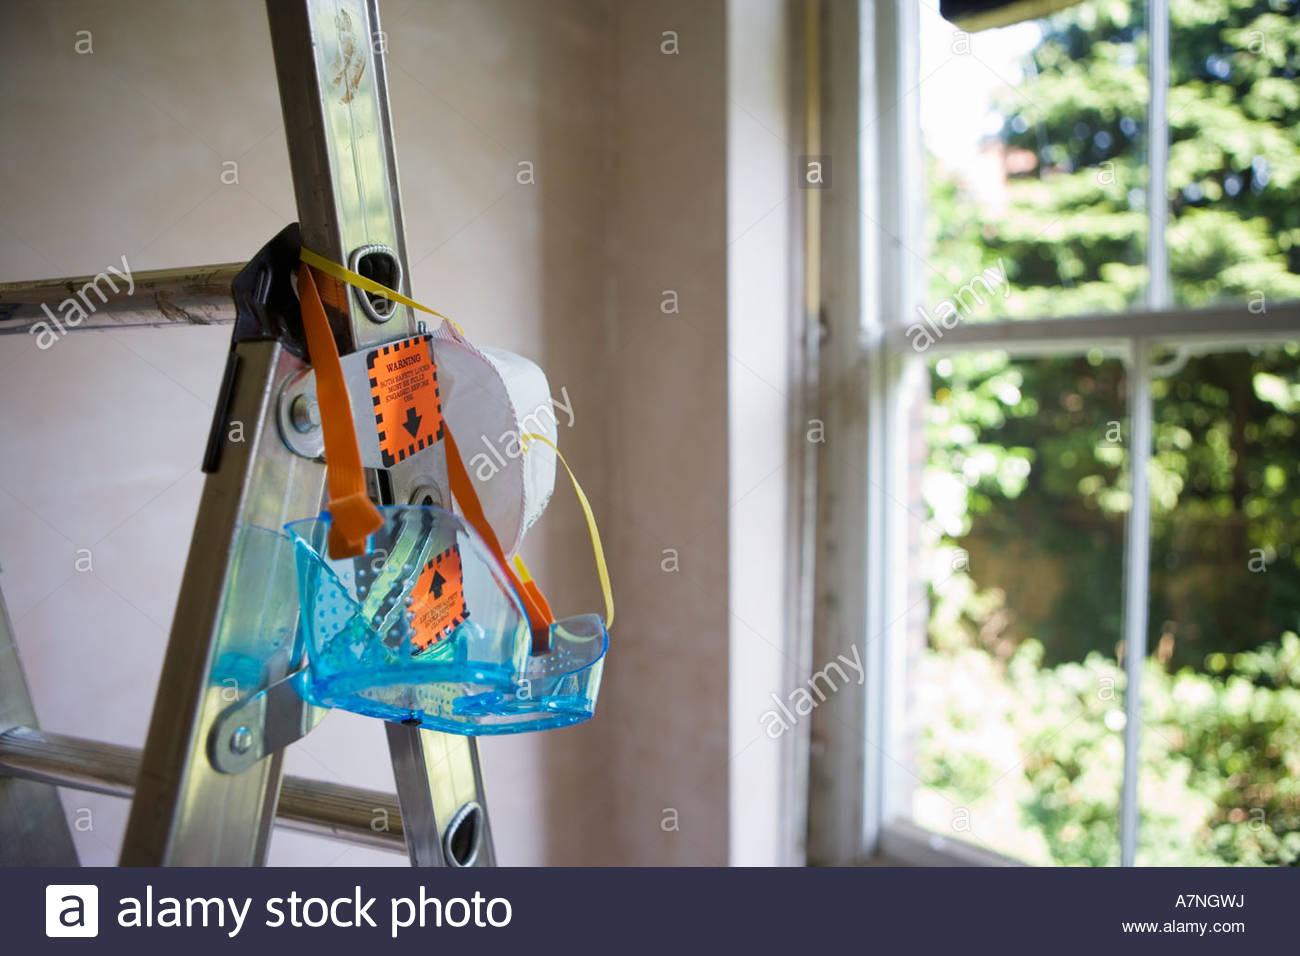 Sicurezza Protezione occhiali protettivi e una maschera antipolvere appesi da scala a gradini nella camera accanto Immagini Stock